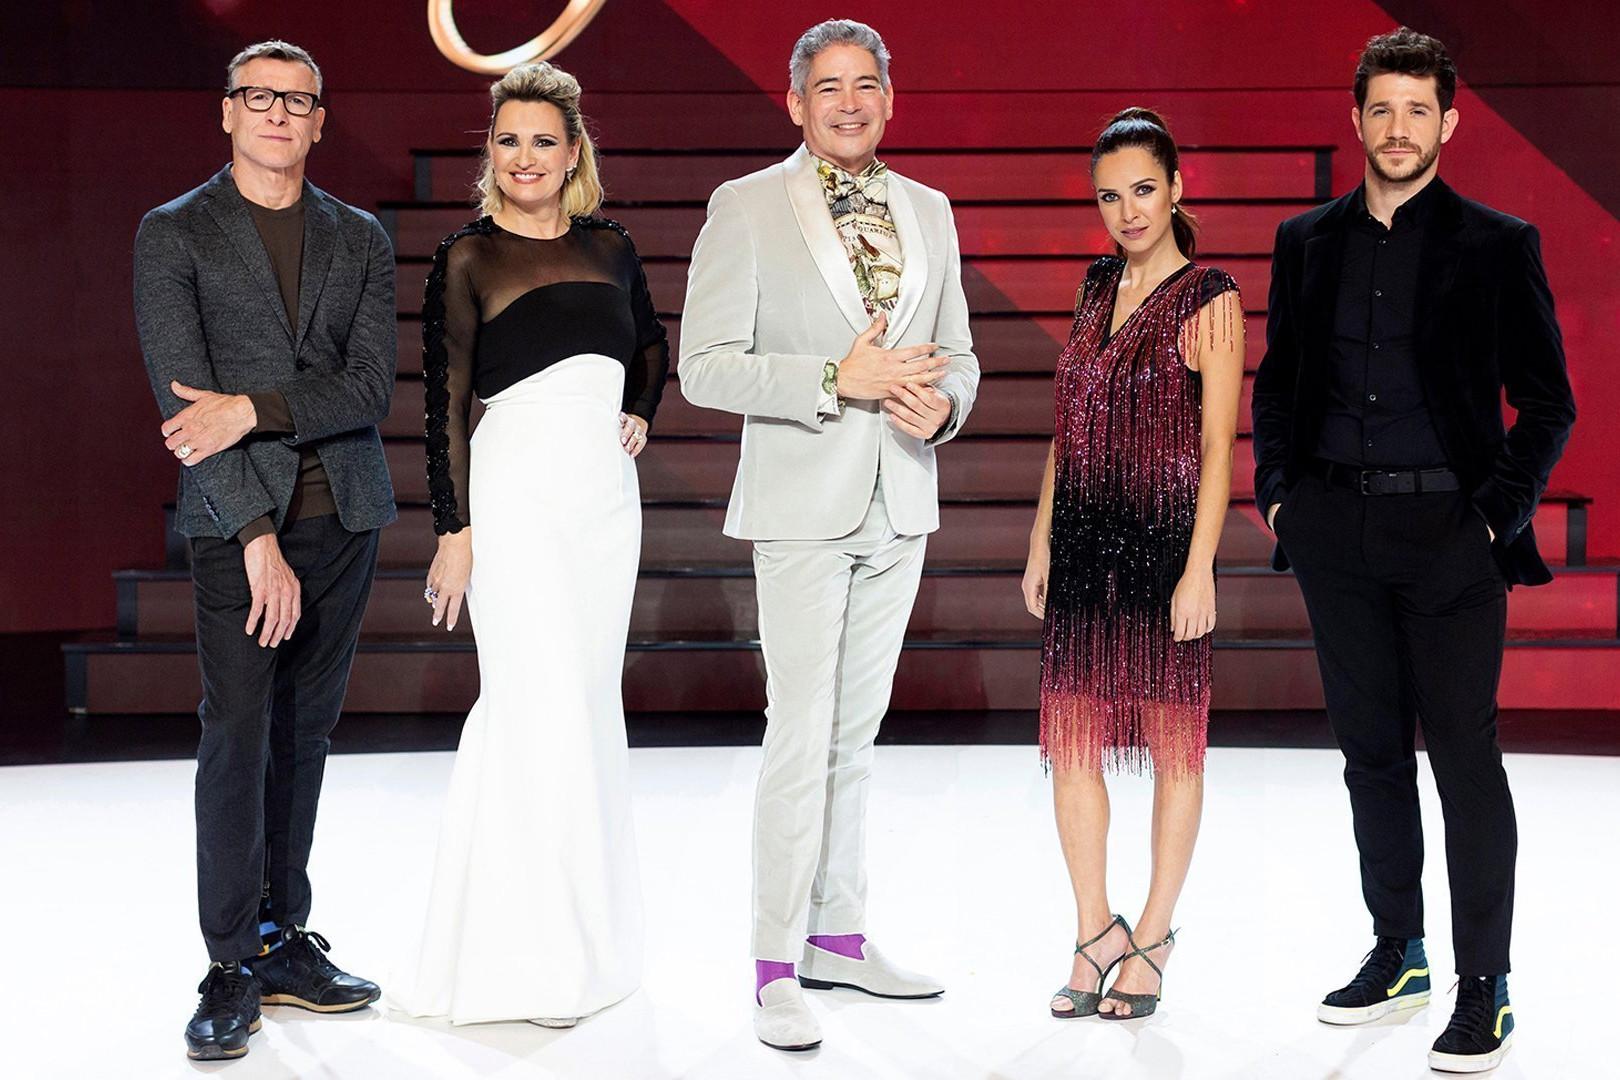 Foto del jurado de Prodigios y los presentadores